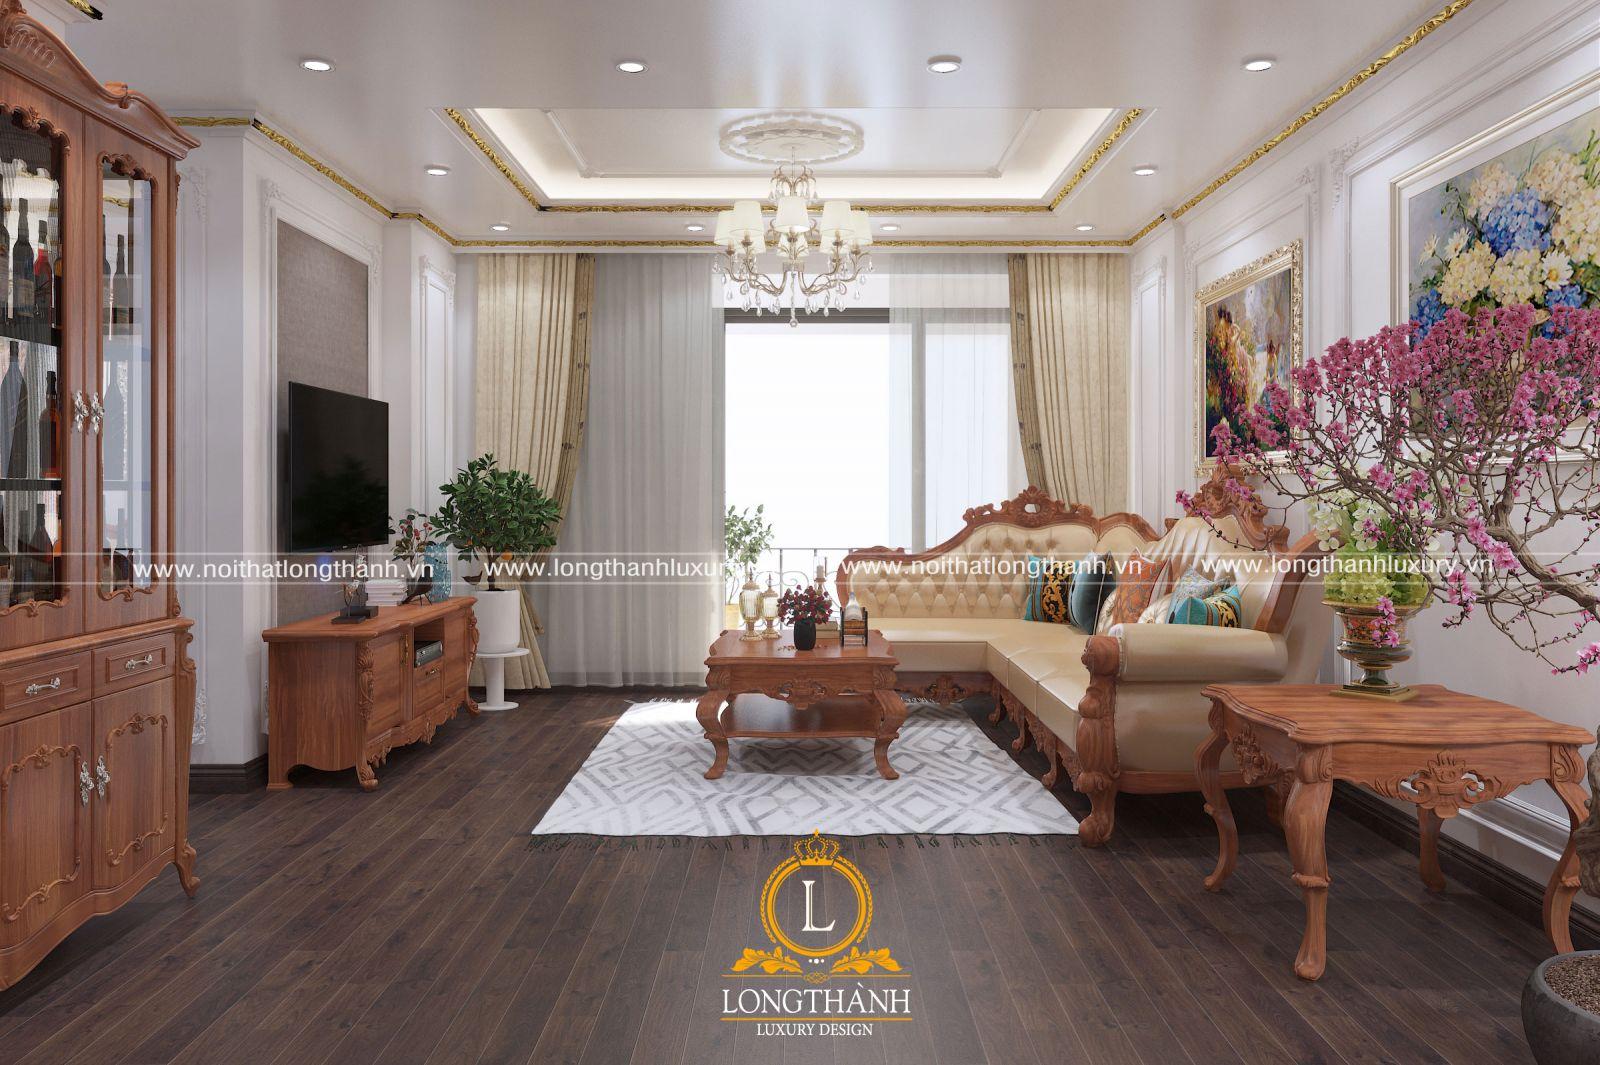 Phòng khách biệt thự mini với màu sắc nhẹ nhàng hài hòa